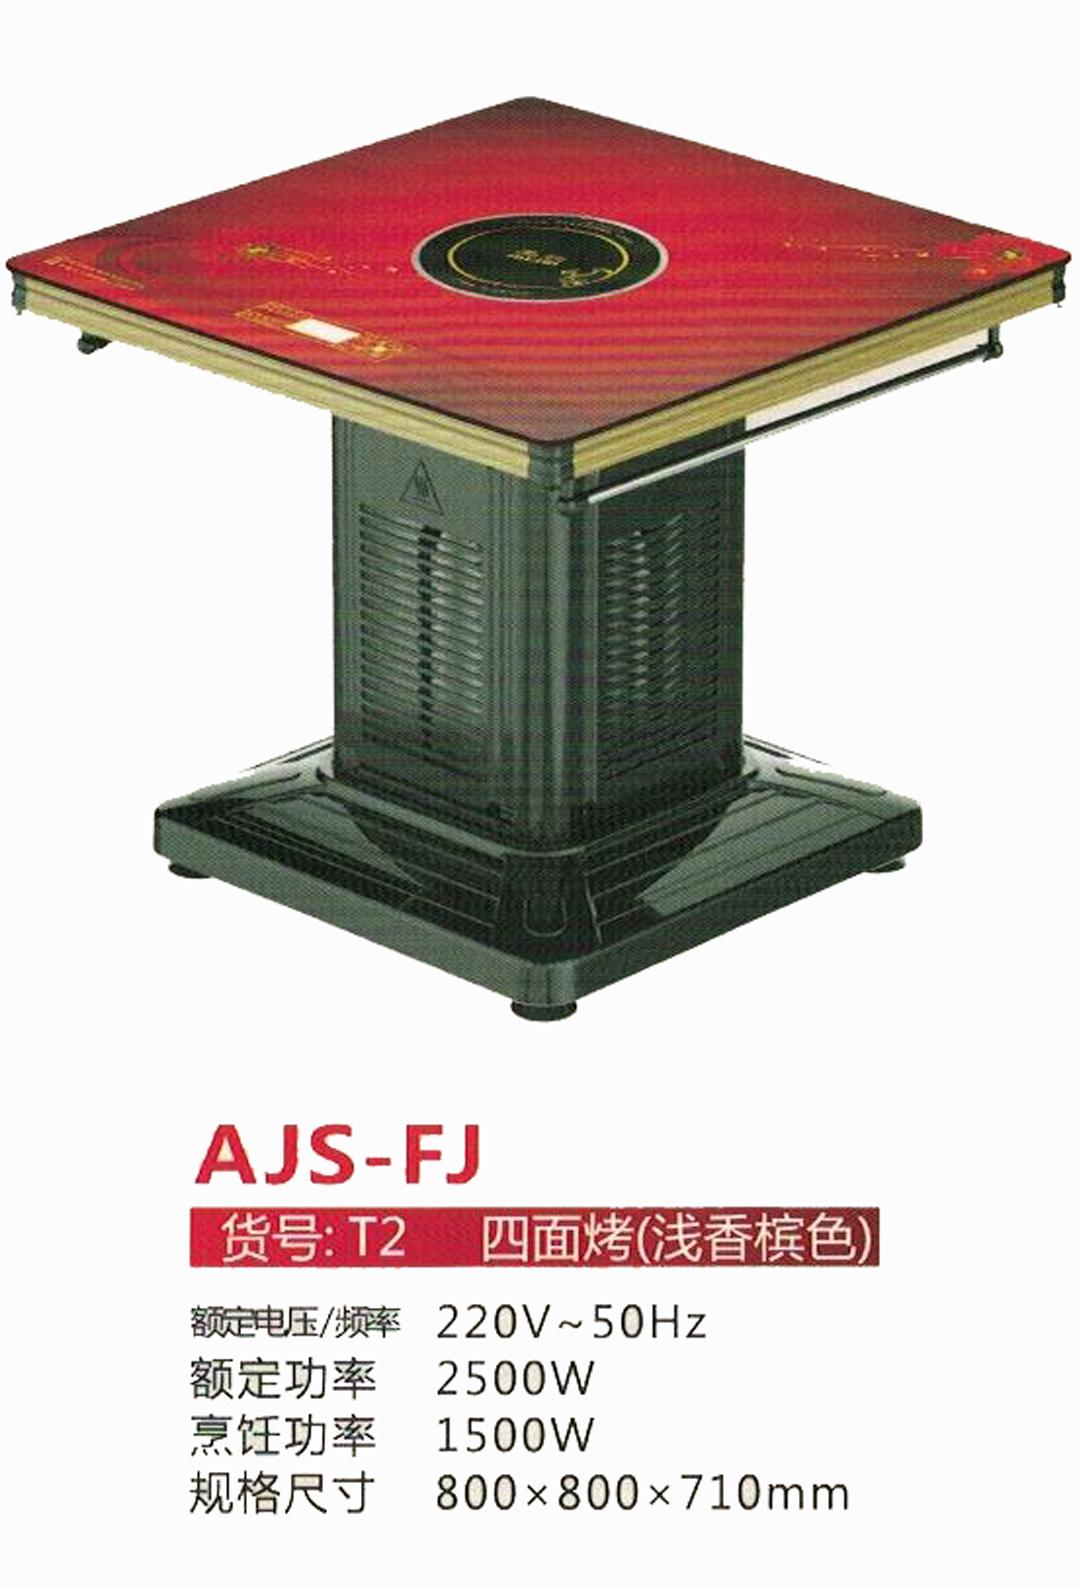 贵阳电暖桌